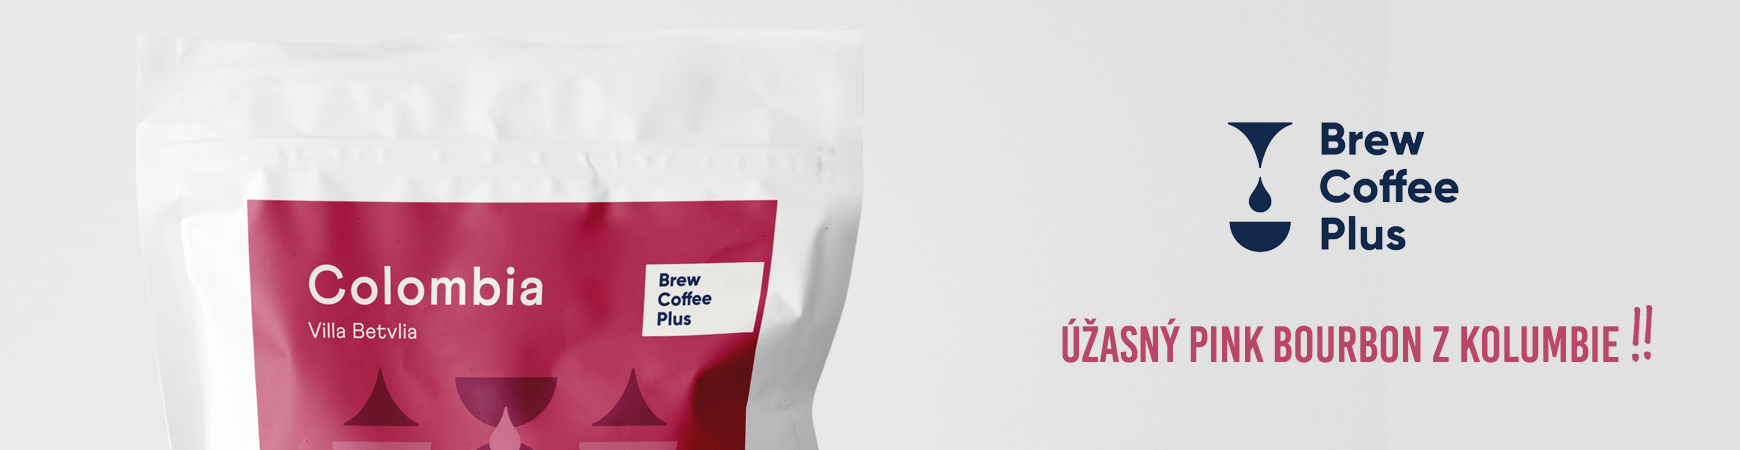 Brew coffee desktp